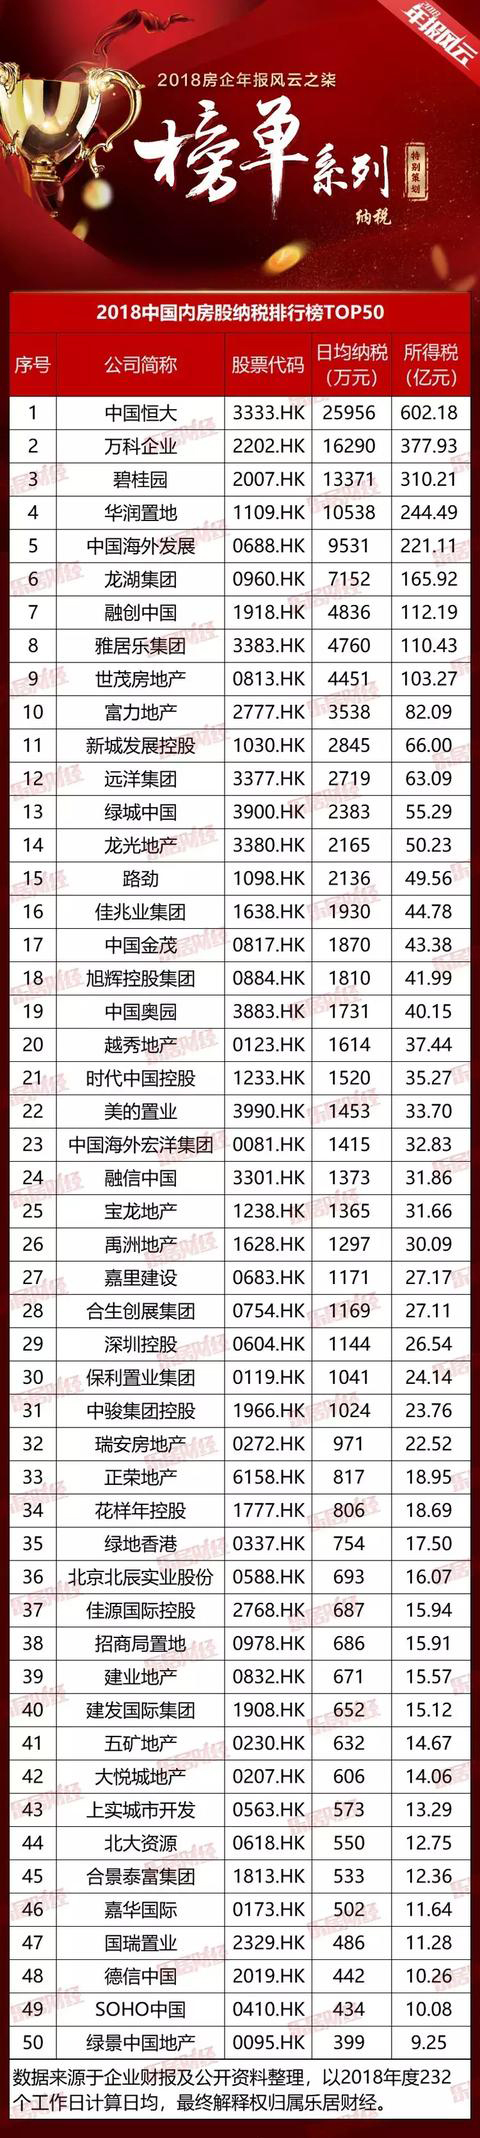 2019纳税排行榜_东阳纳税排行榜,影视行业观察窗